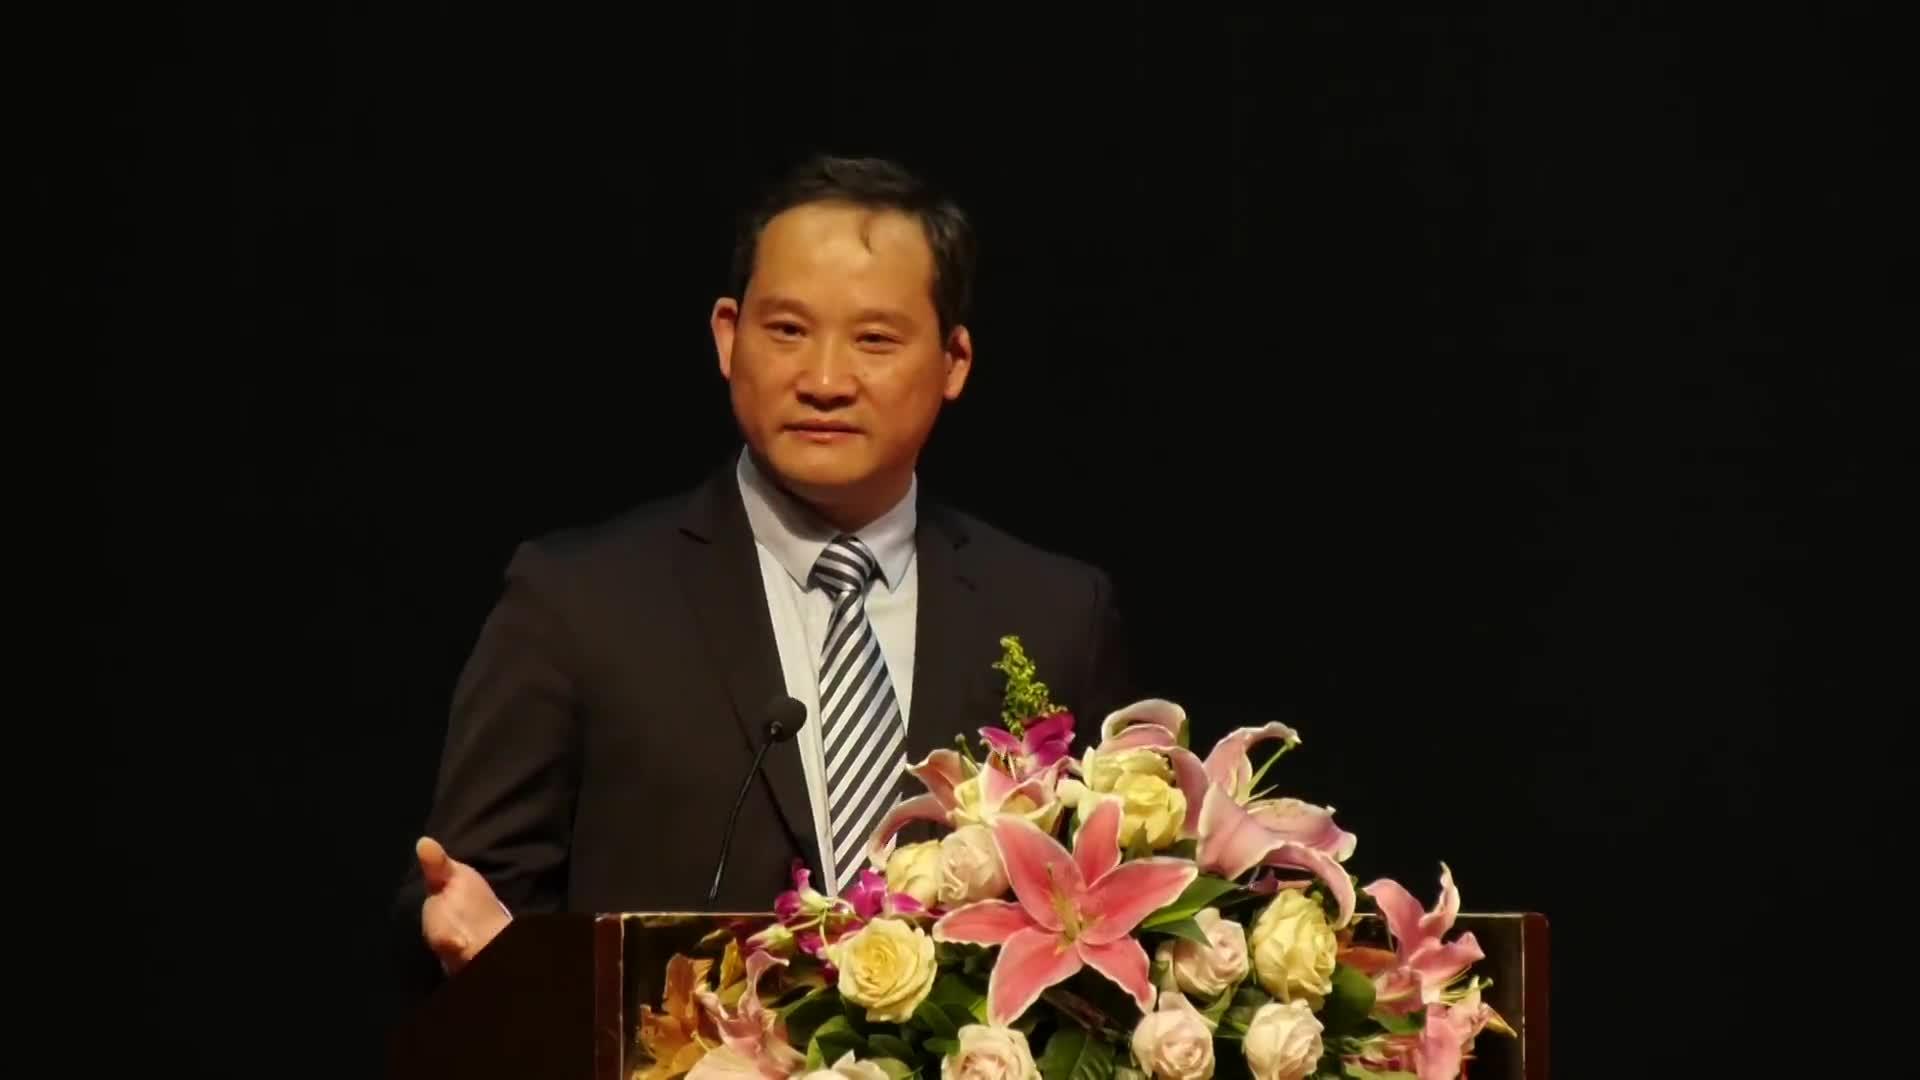 莎娜重卡千家千人服务商峰会梁林河先生讲话